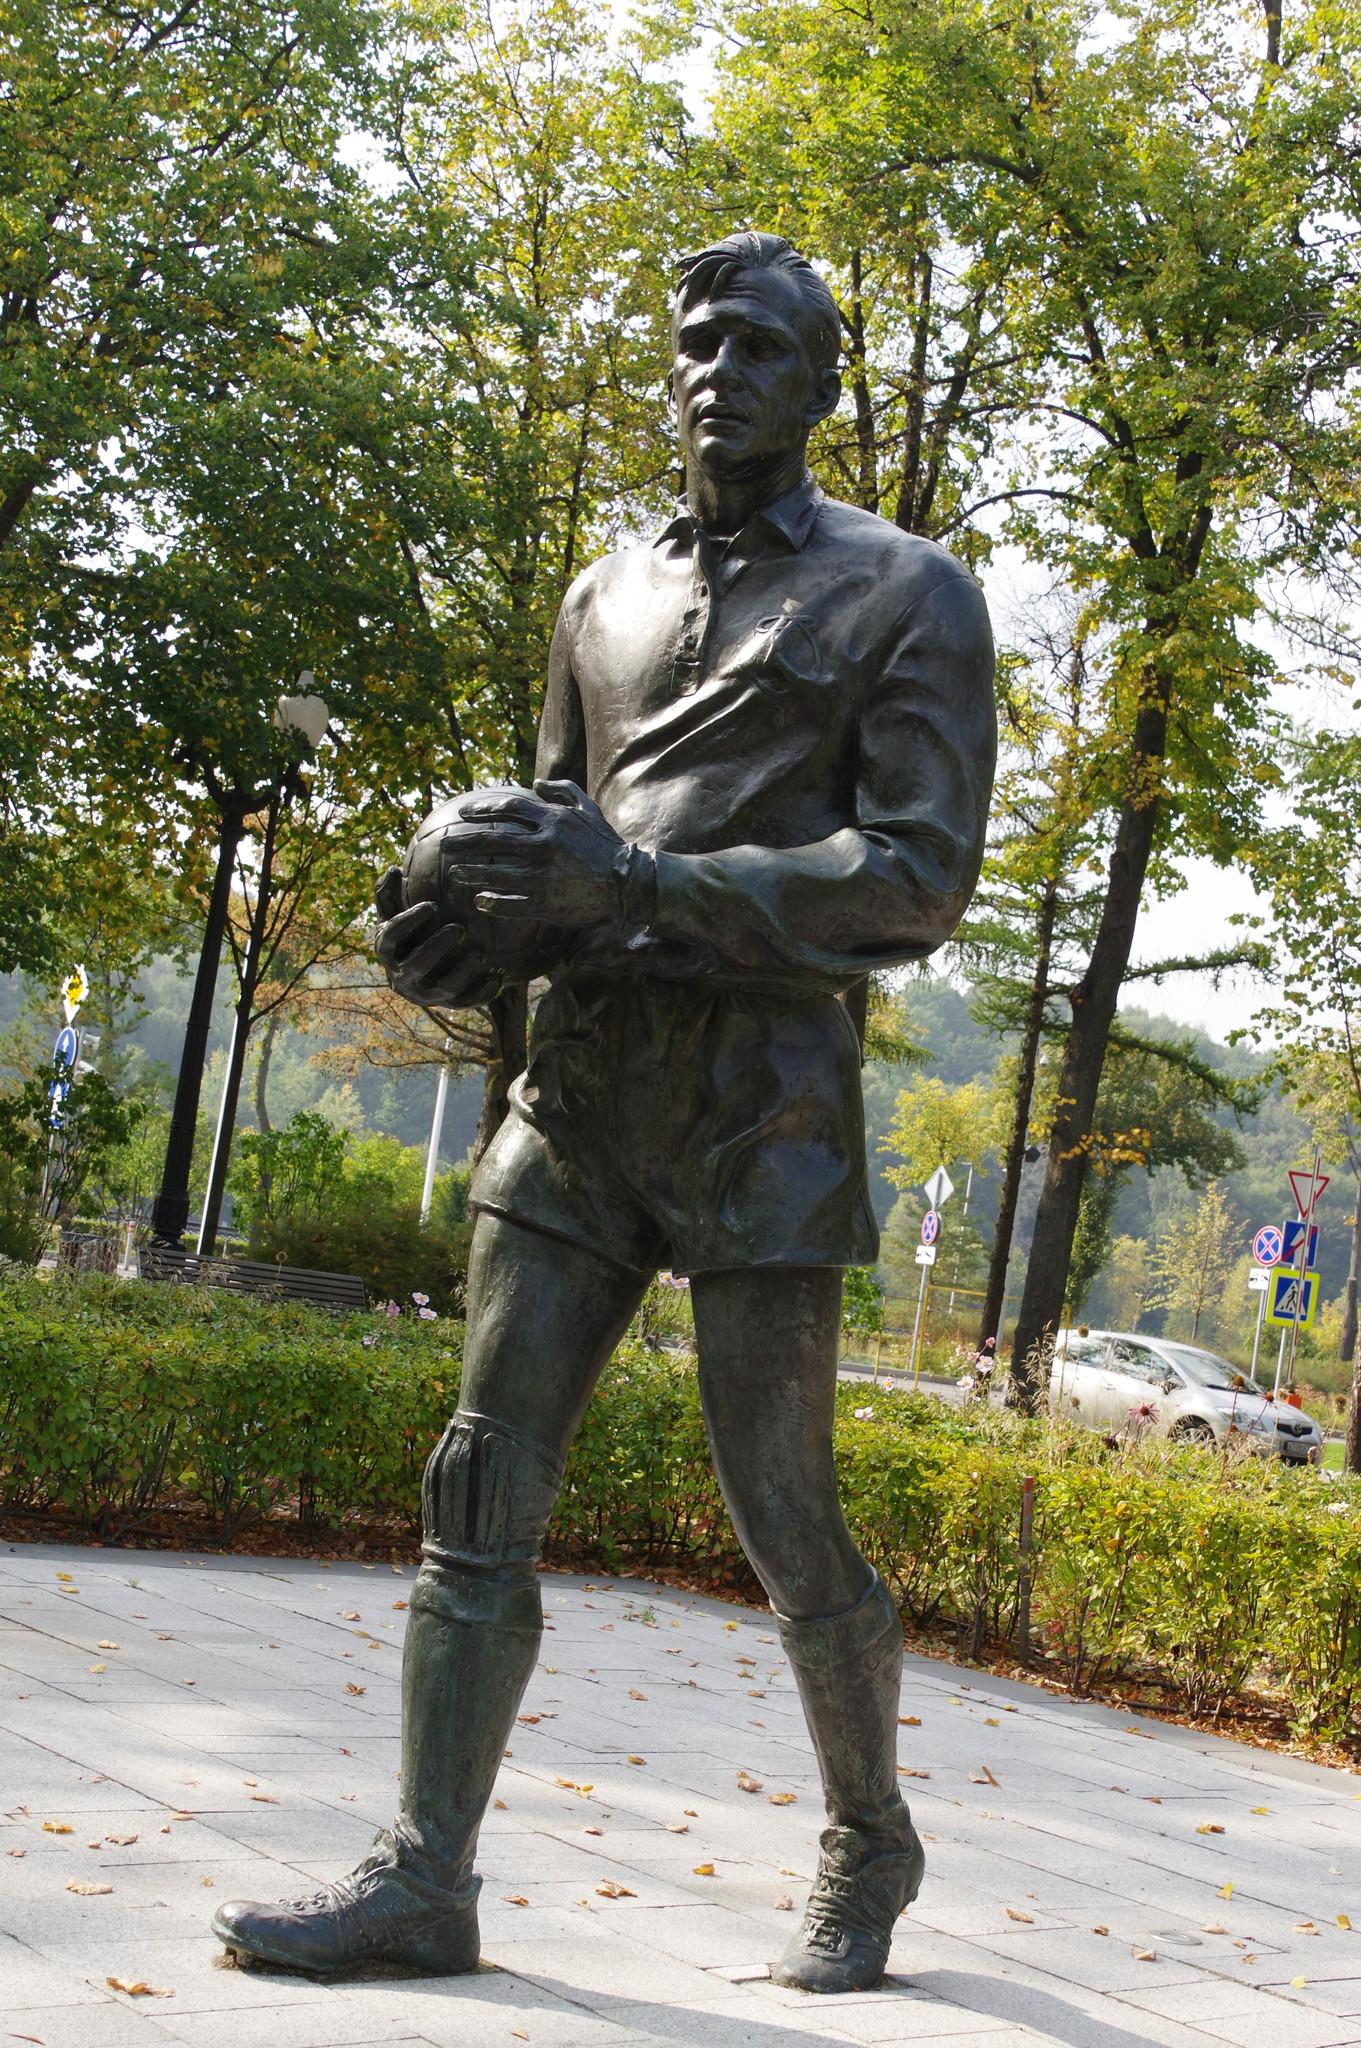 Памятник олимпийскому чемпиону Льву Яшину на Аллее спортивной славы в Лужниках